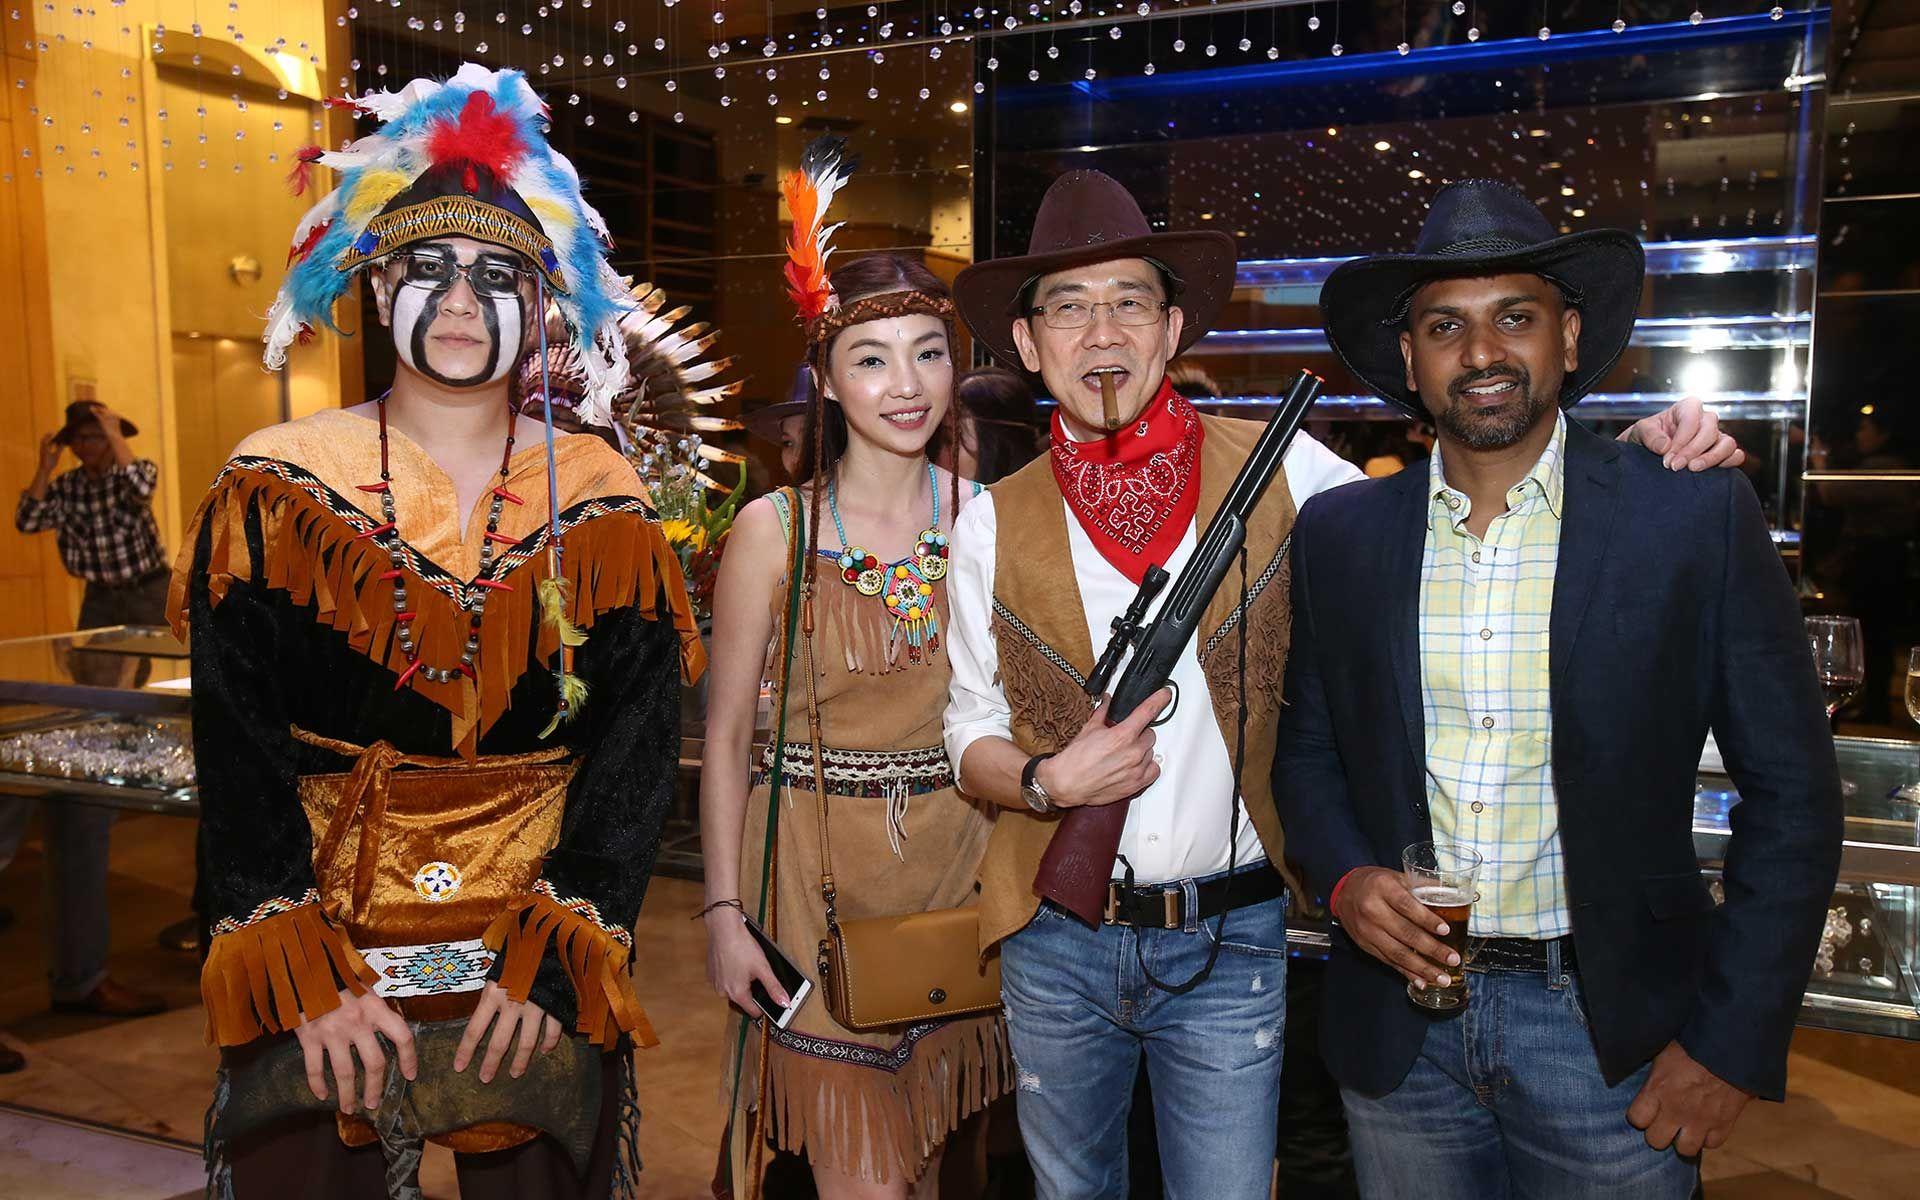 Joe Chok, Venus Thye, Dato' Aik Sim Tan and Shashitheran Thamotharem